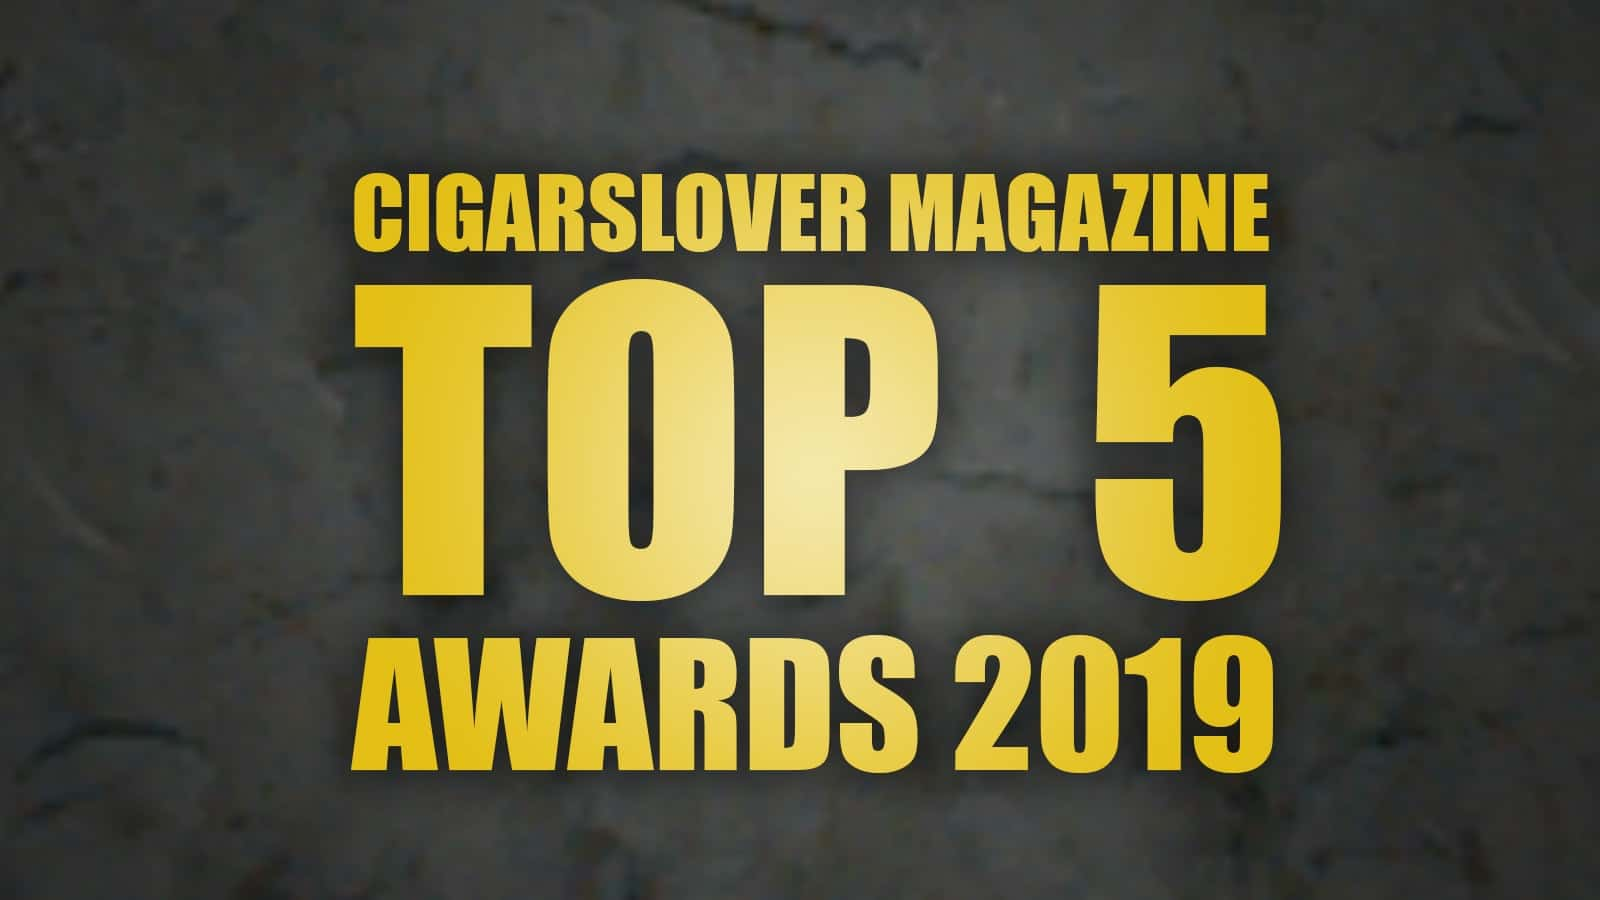 awards 2019 top5